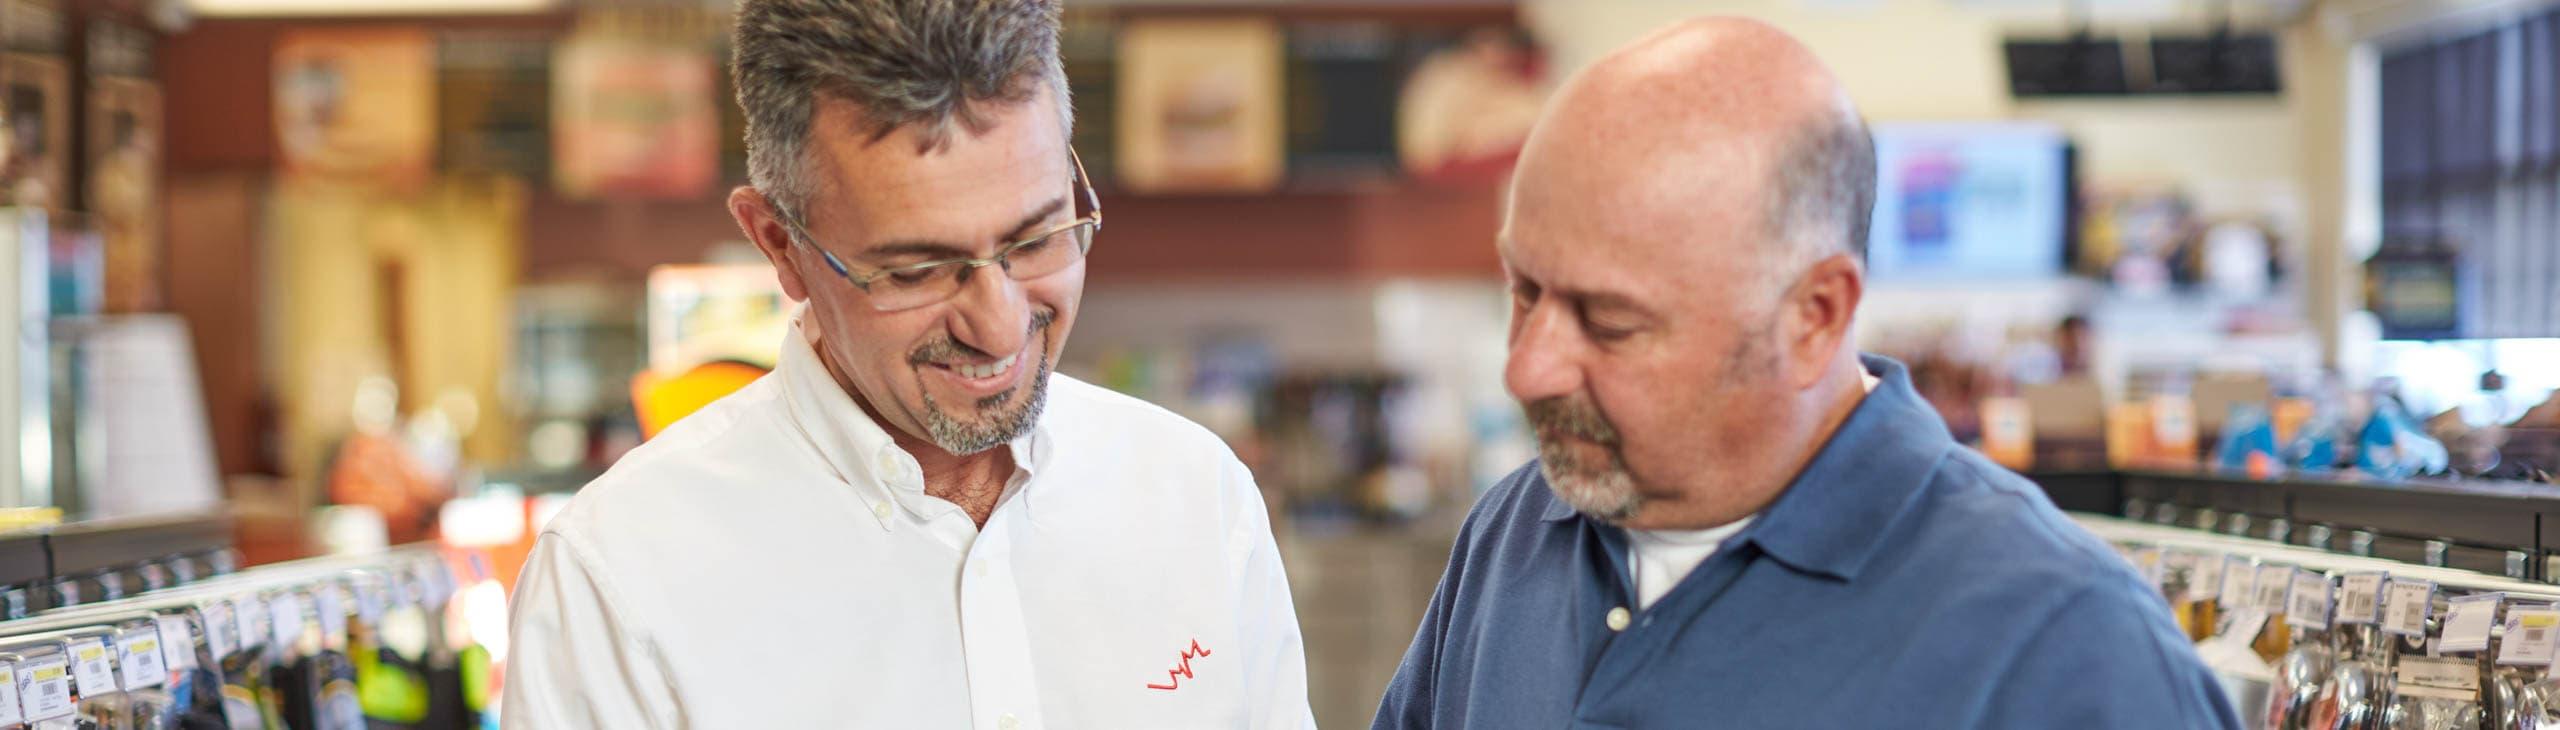 Deux hommes dans un dépanneur Petro-Canada regardent un produit.